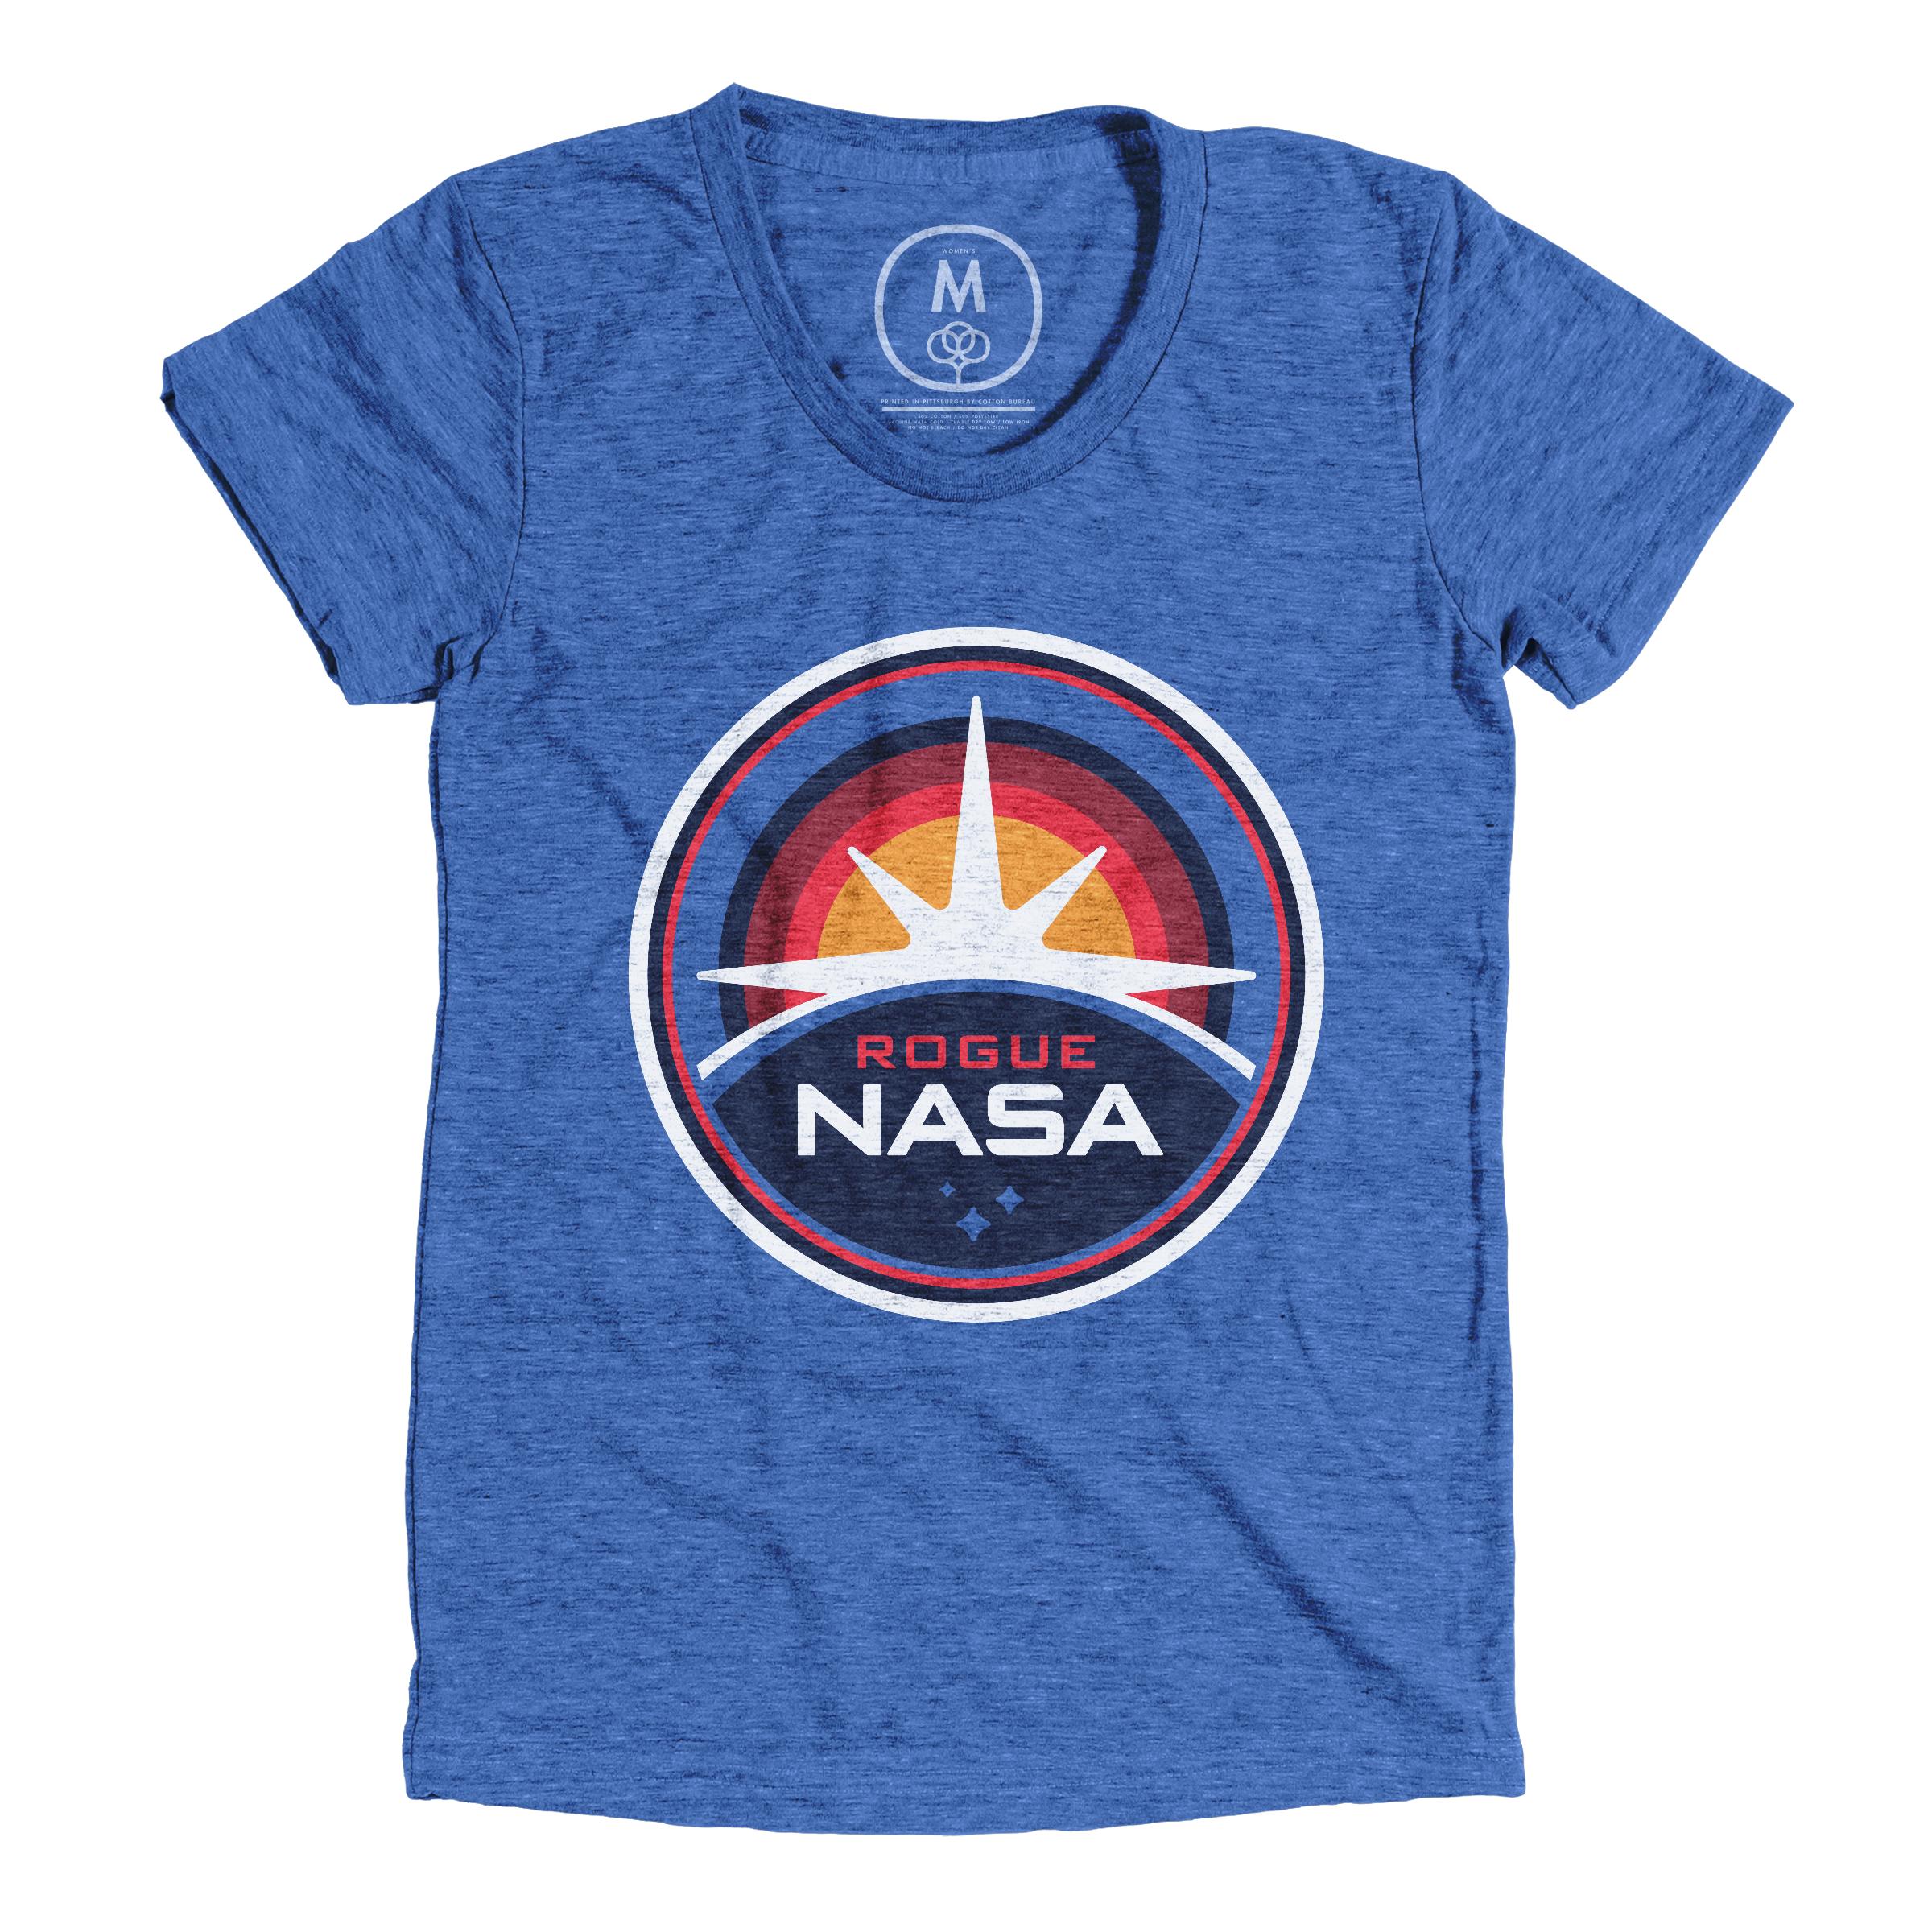 Rogue NASA Insignia Vintage Royal (Women's)